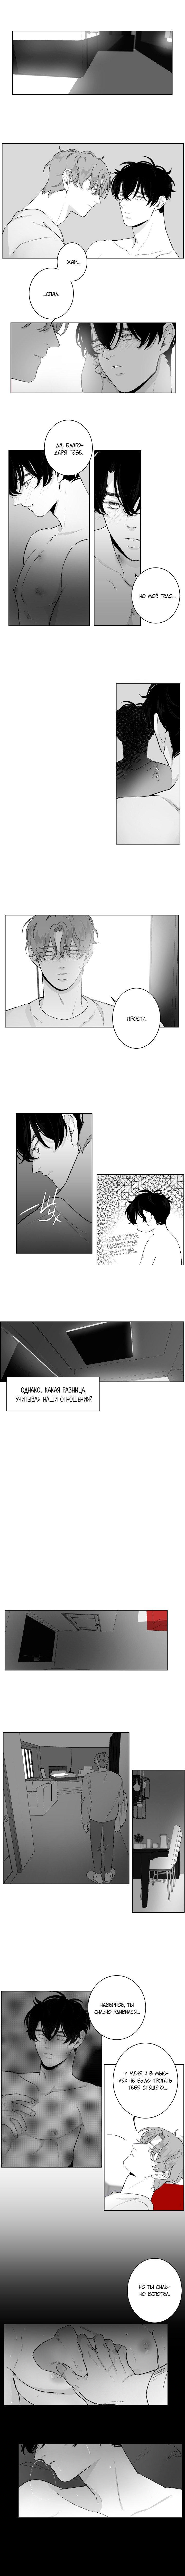 Манга Красная зона - Глава 17 Страница 1